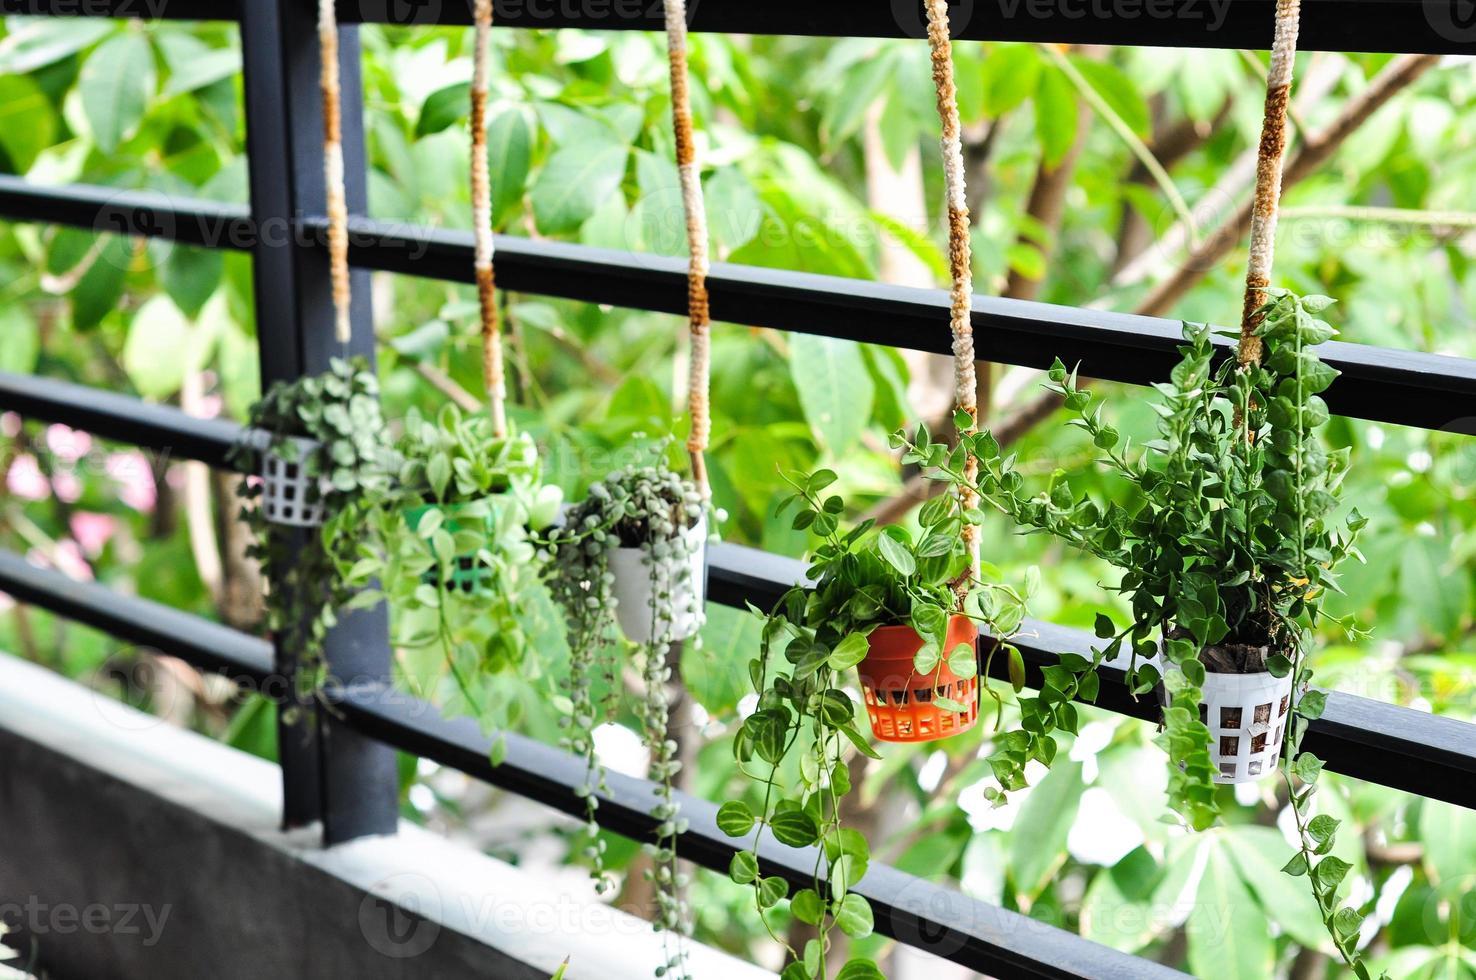 décor de petite plante photo